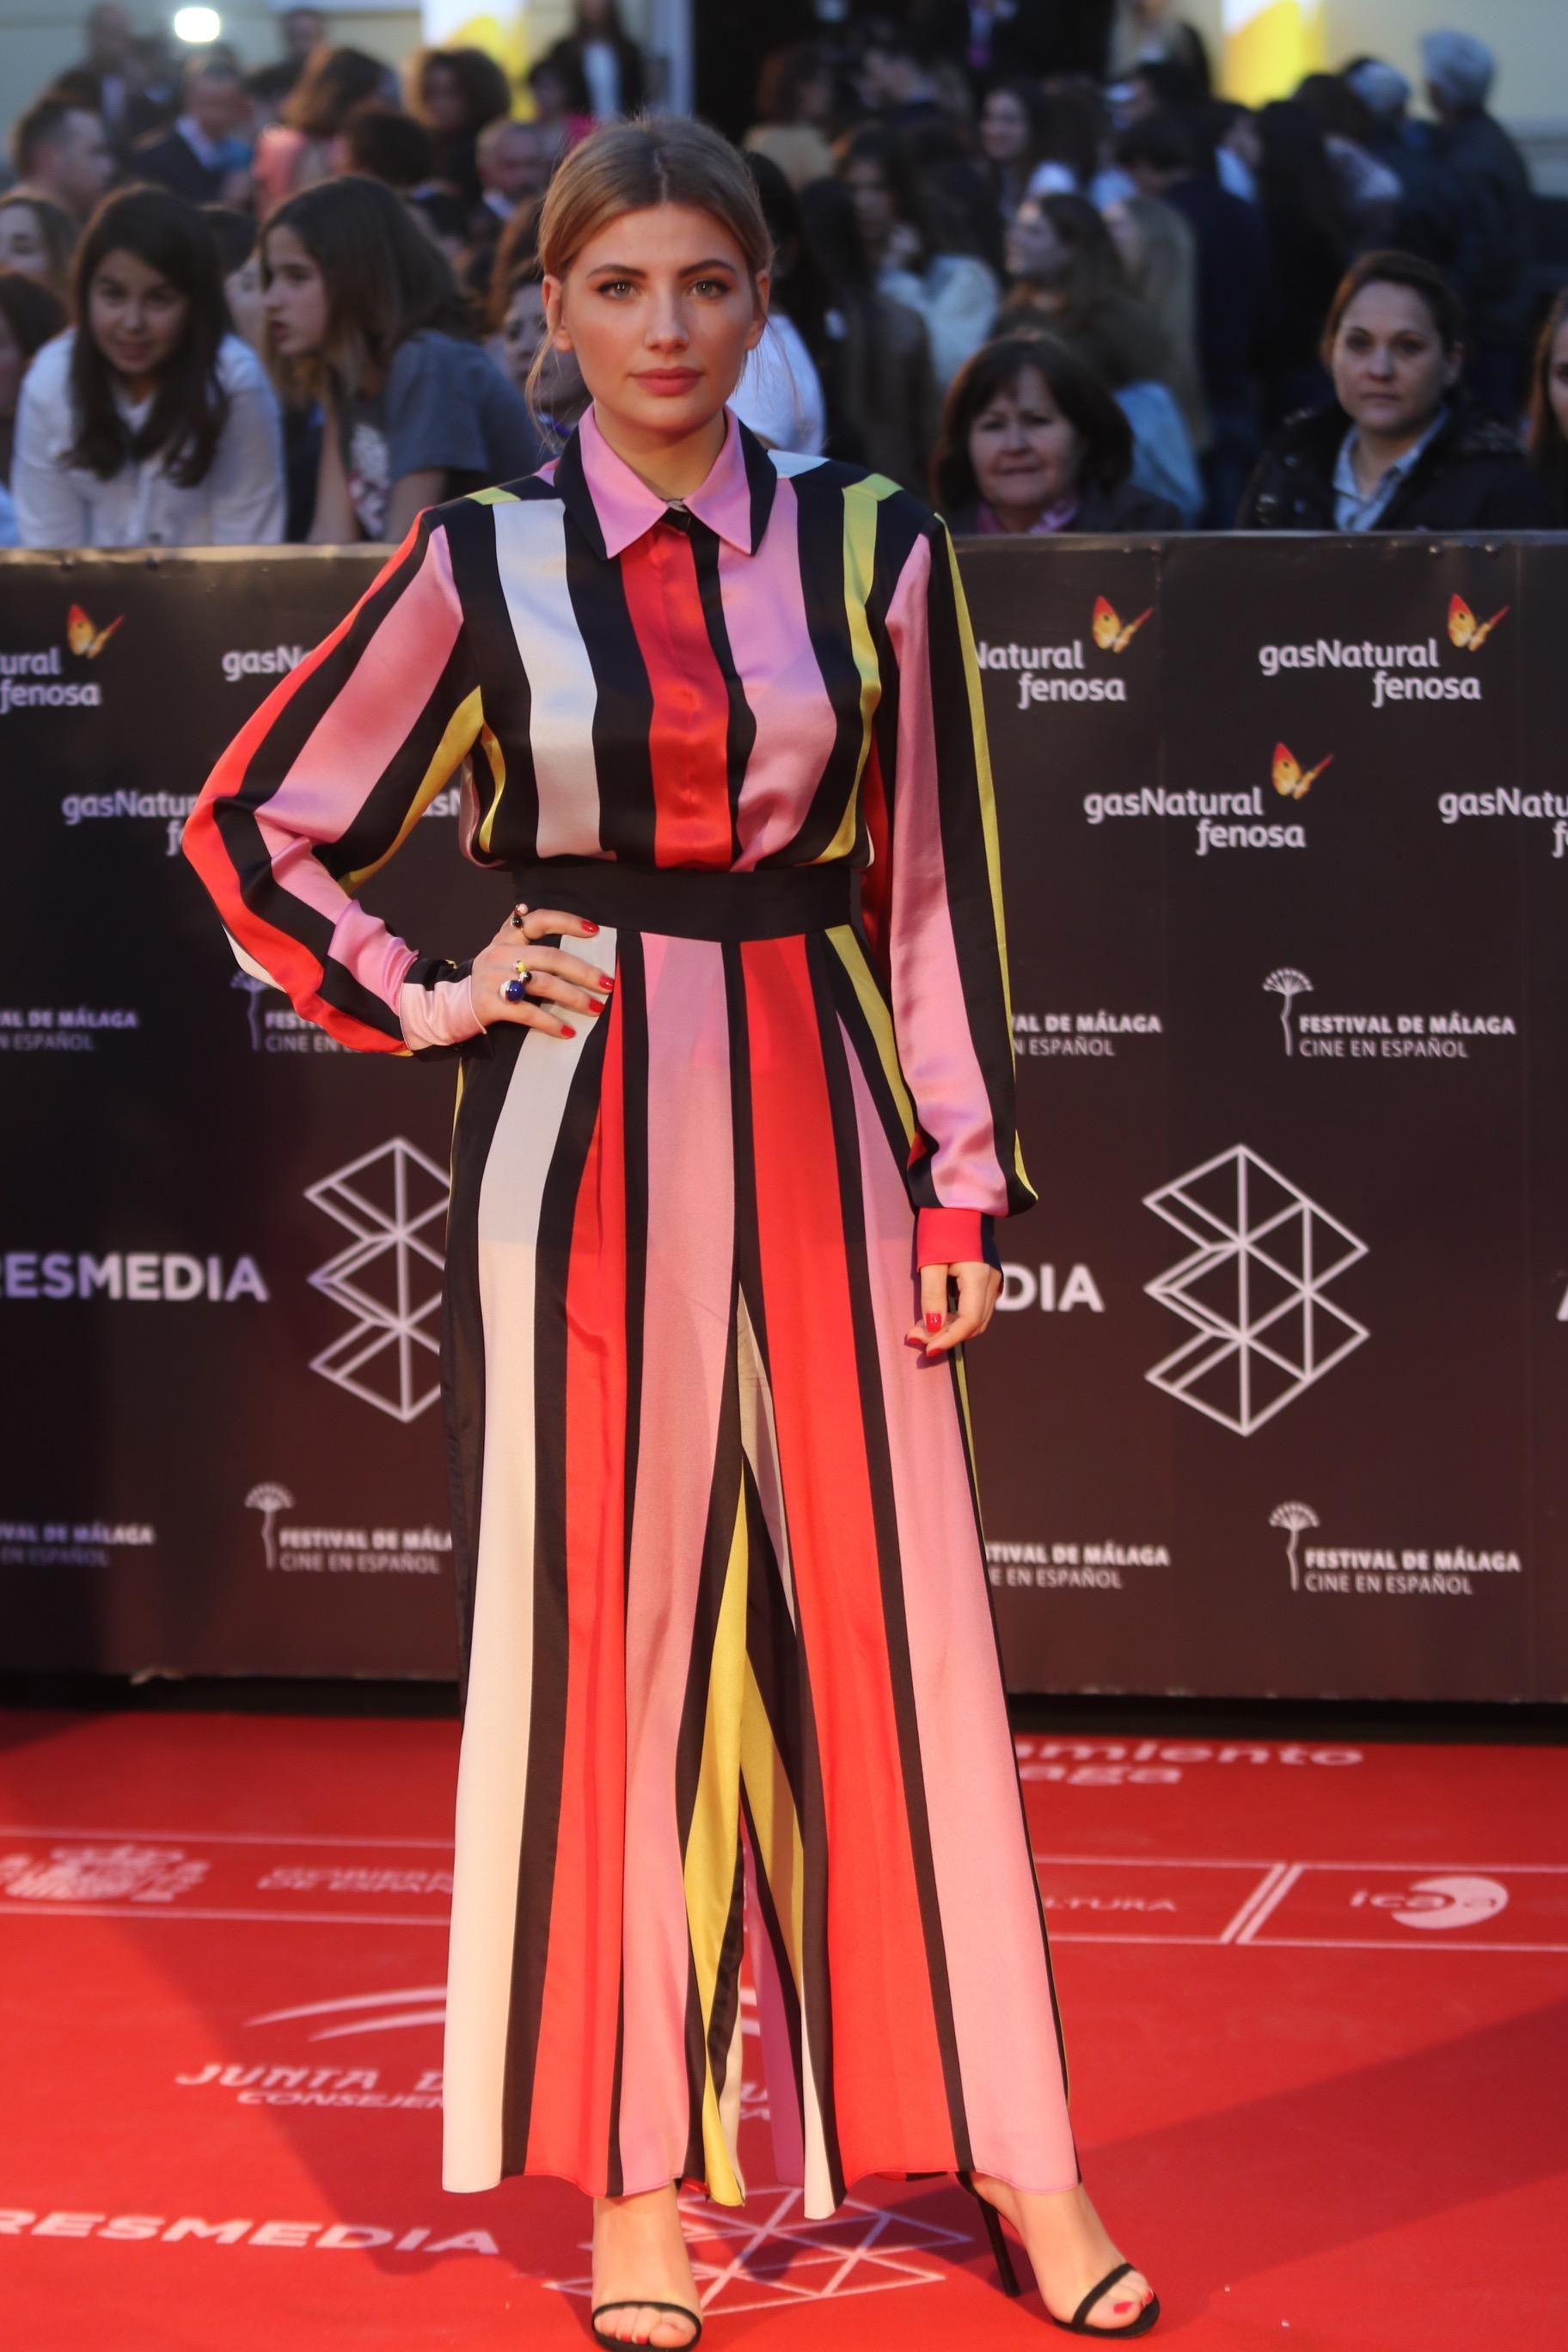 desfila por la alfombra roja de la gala de inauguración de la 20 edición del festival de cine en Español de Málaga